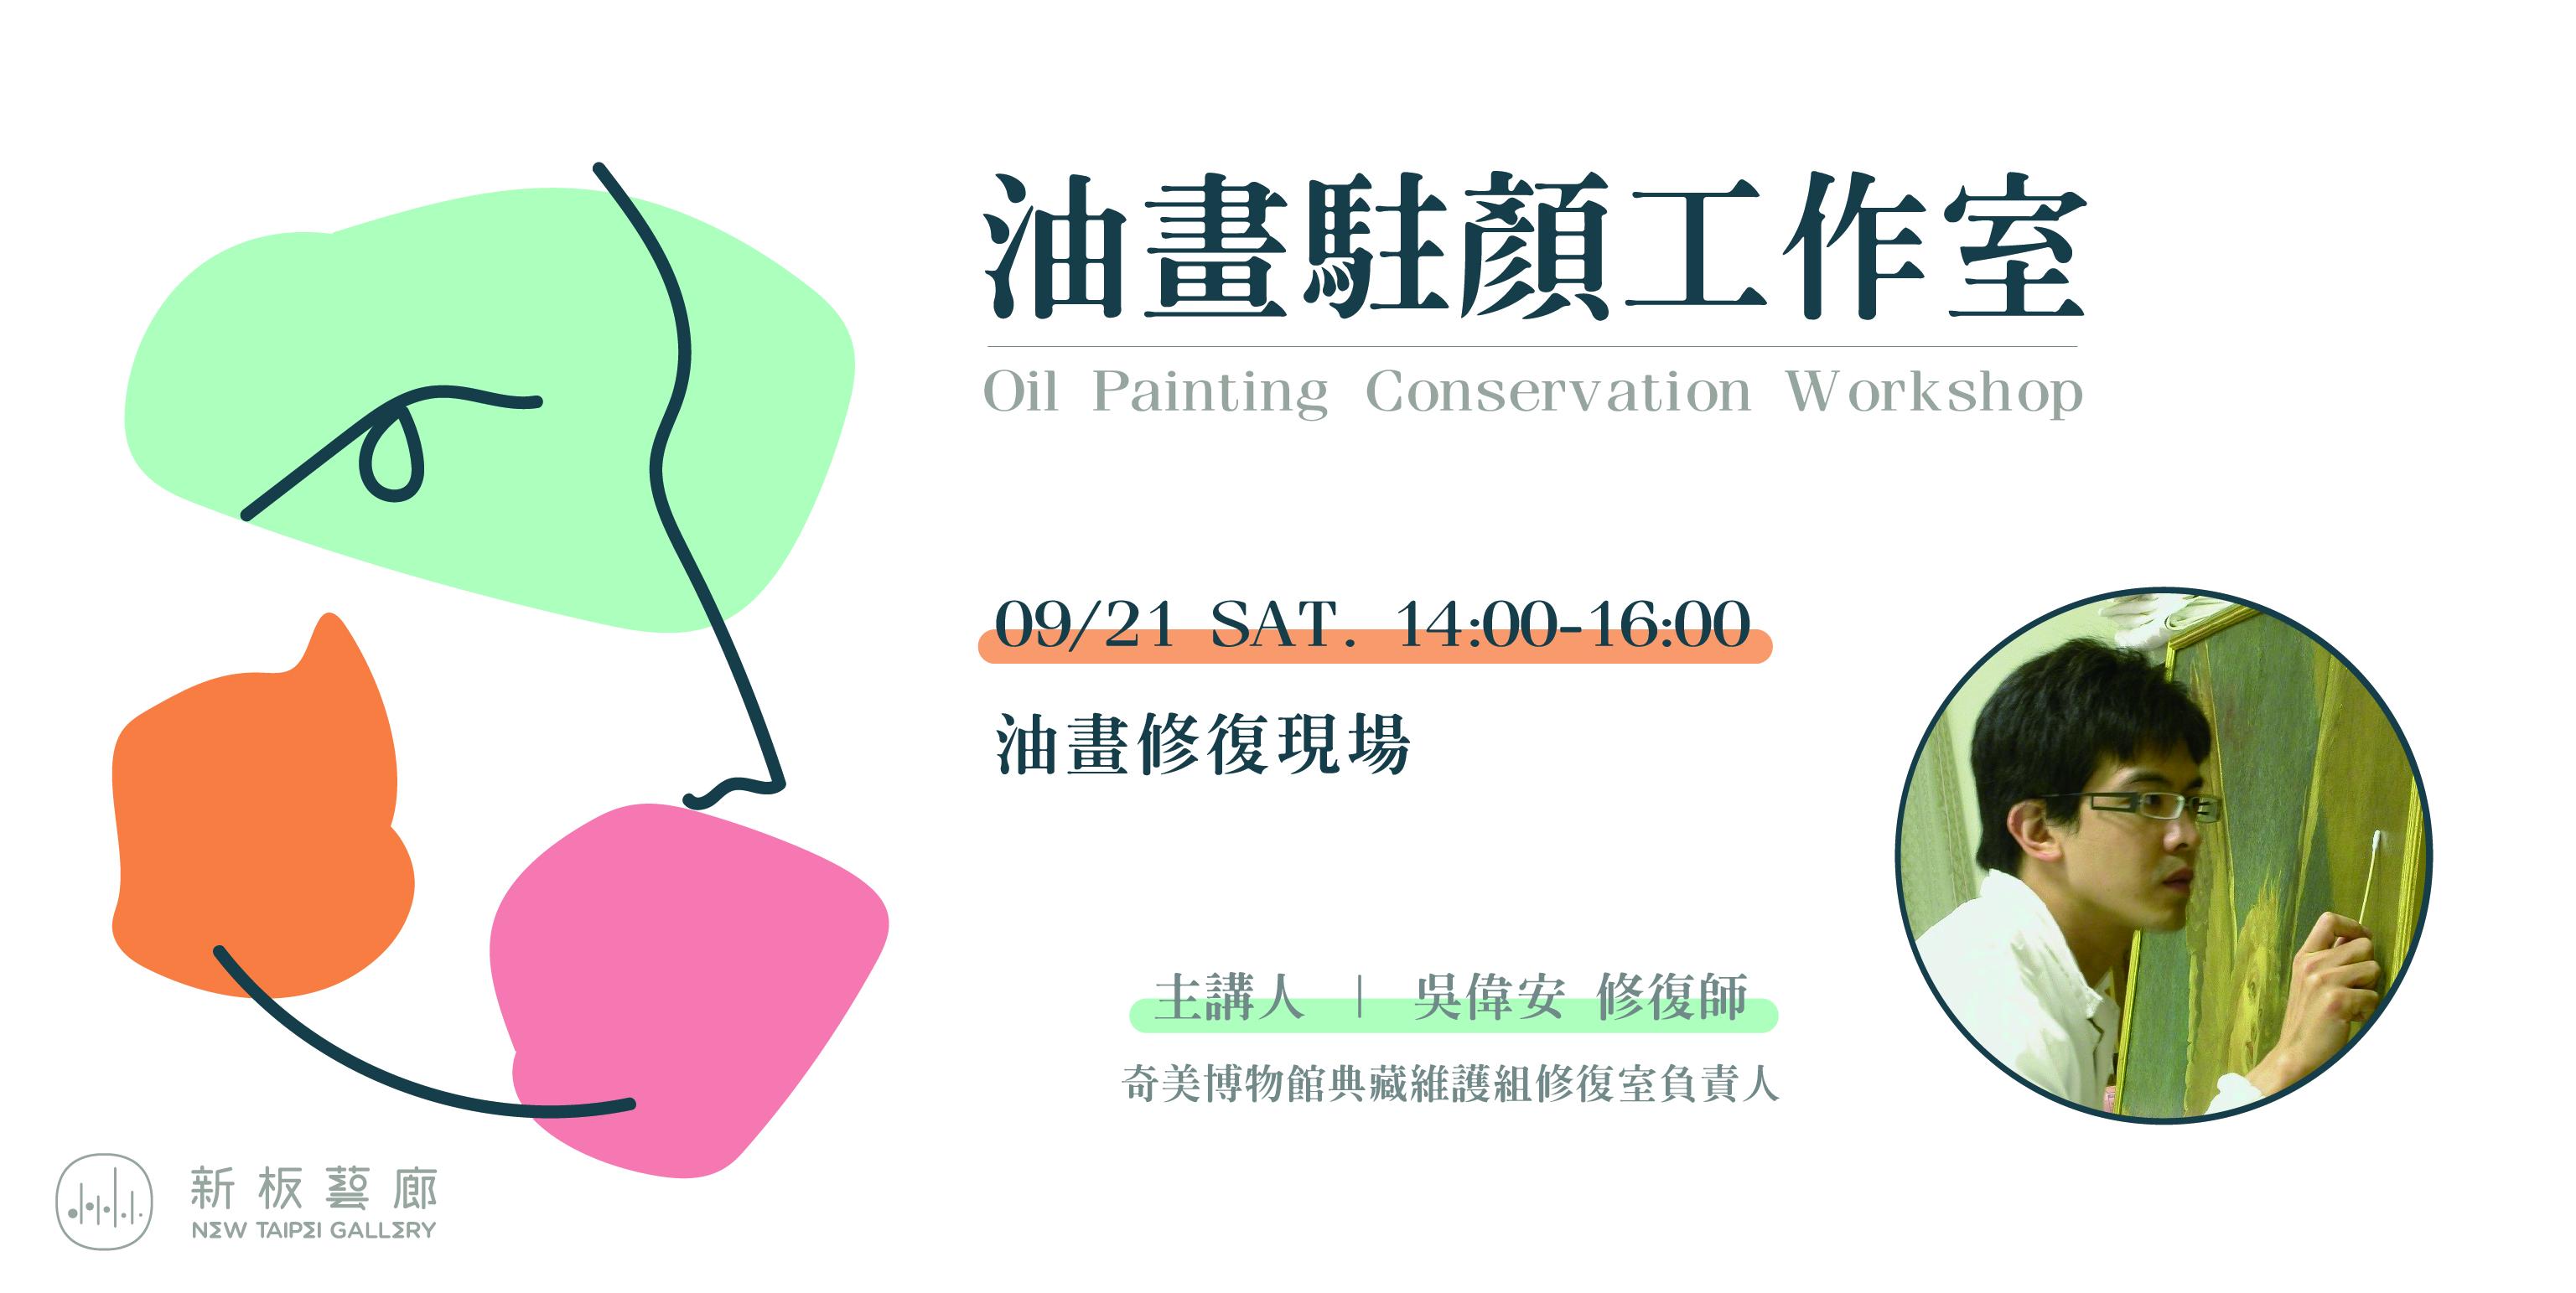 油畫駐顏工作室-油畫修復現場(講座)